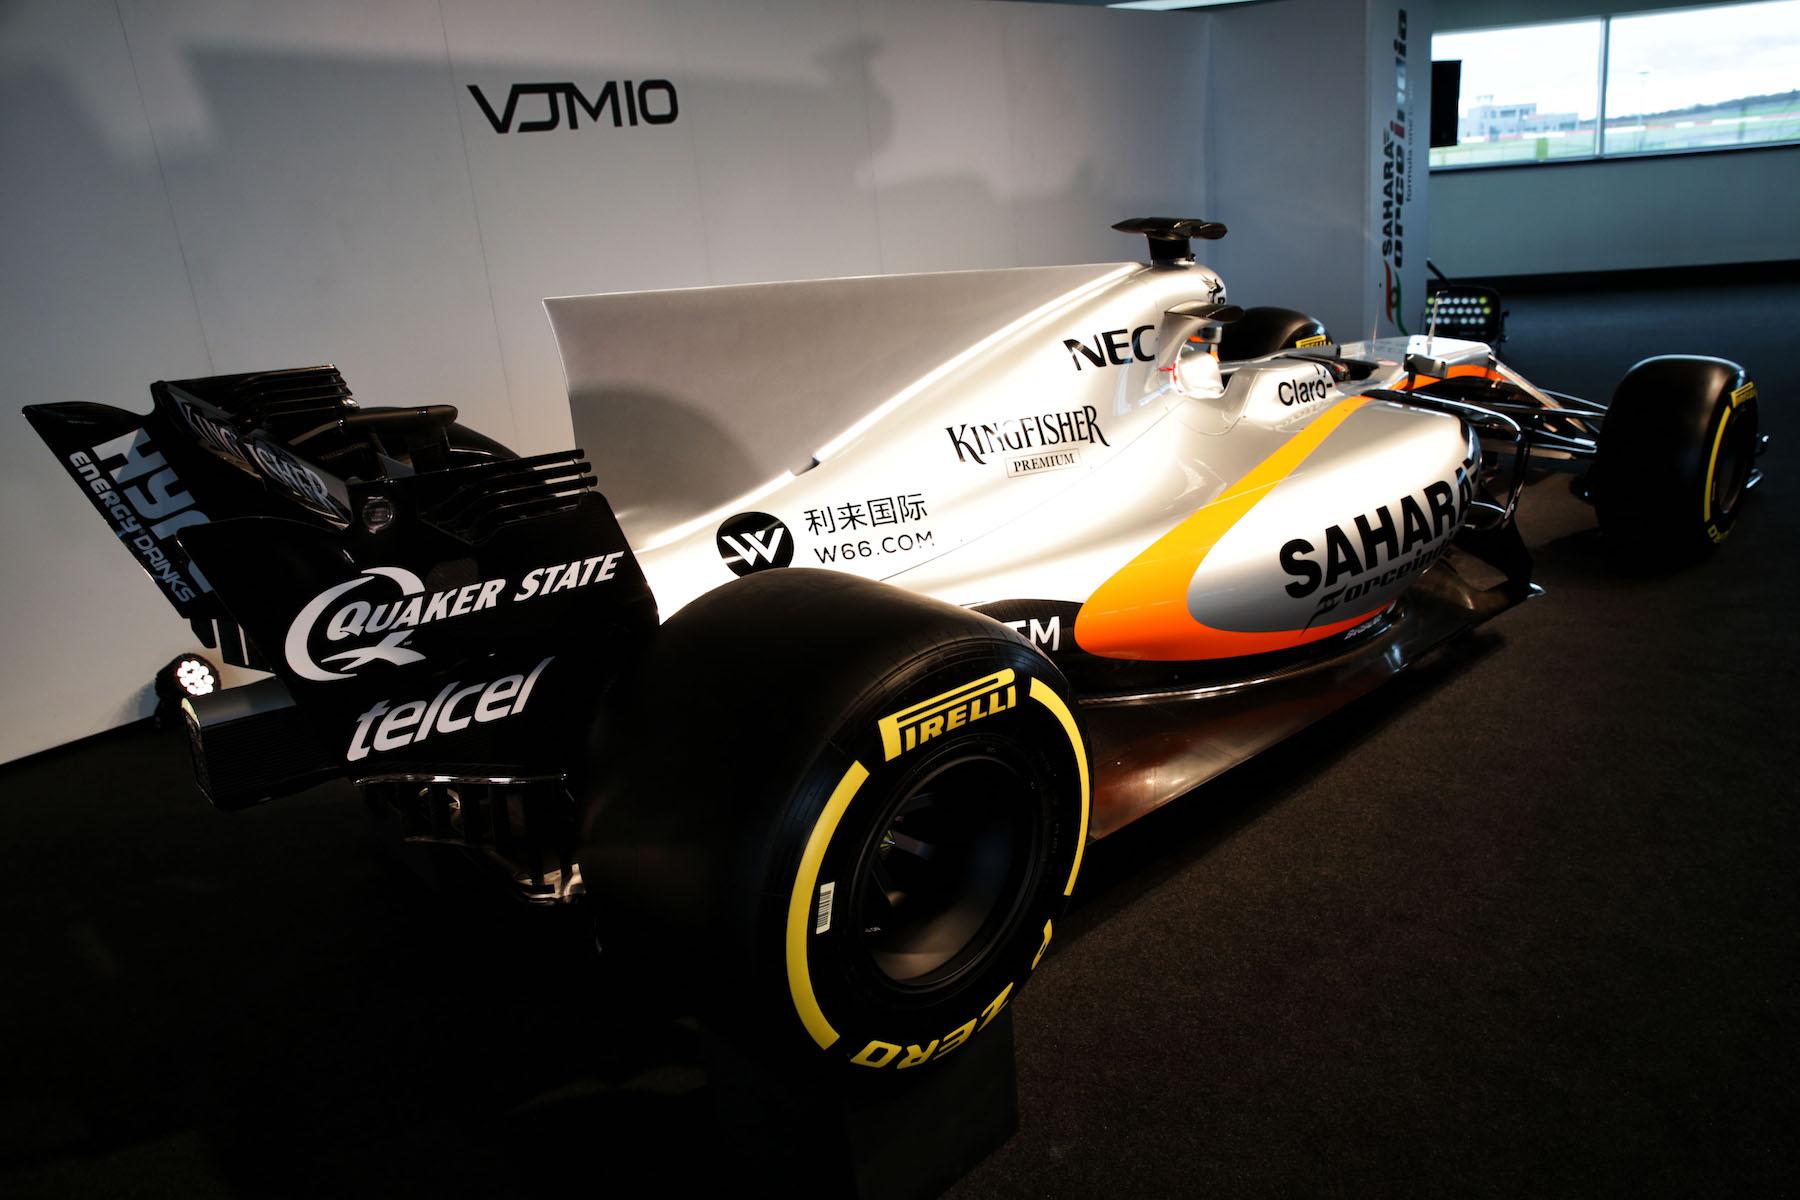 Salracing | Force India VJM10 7